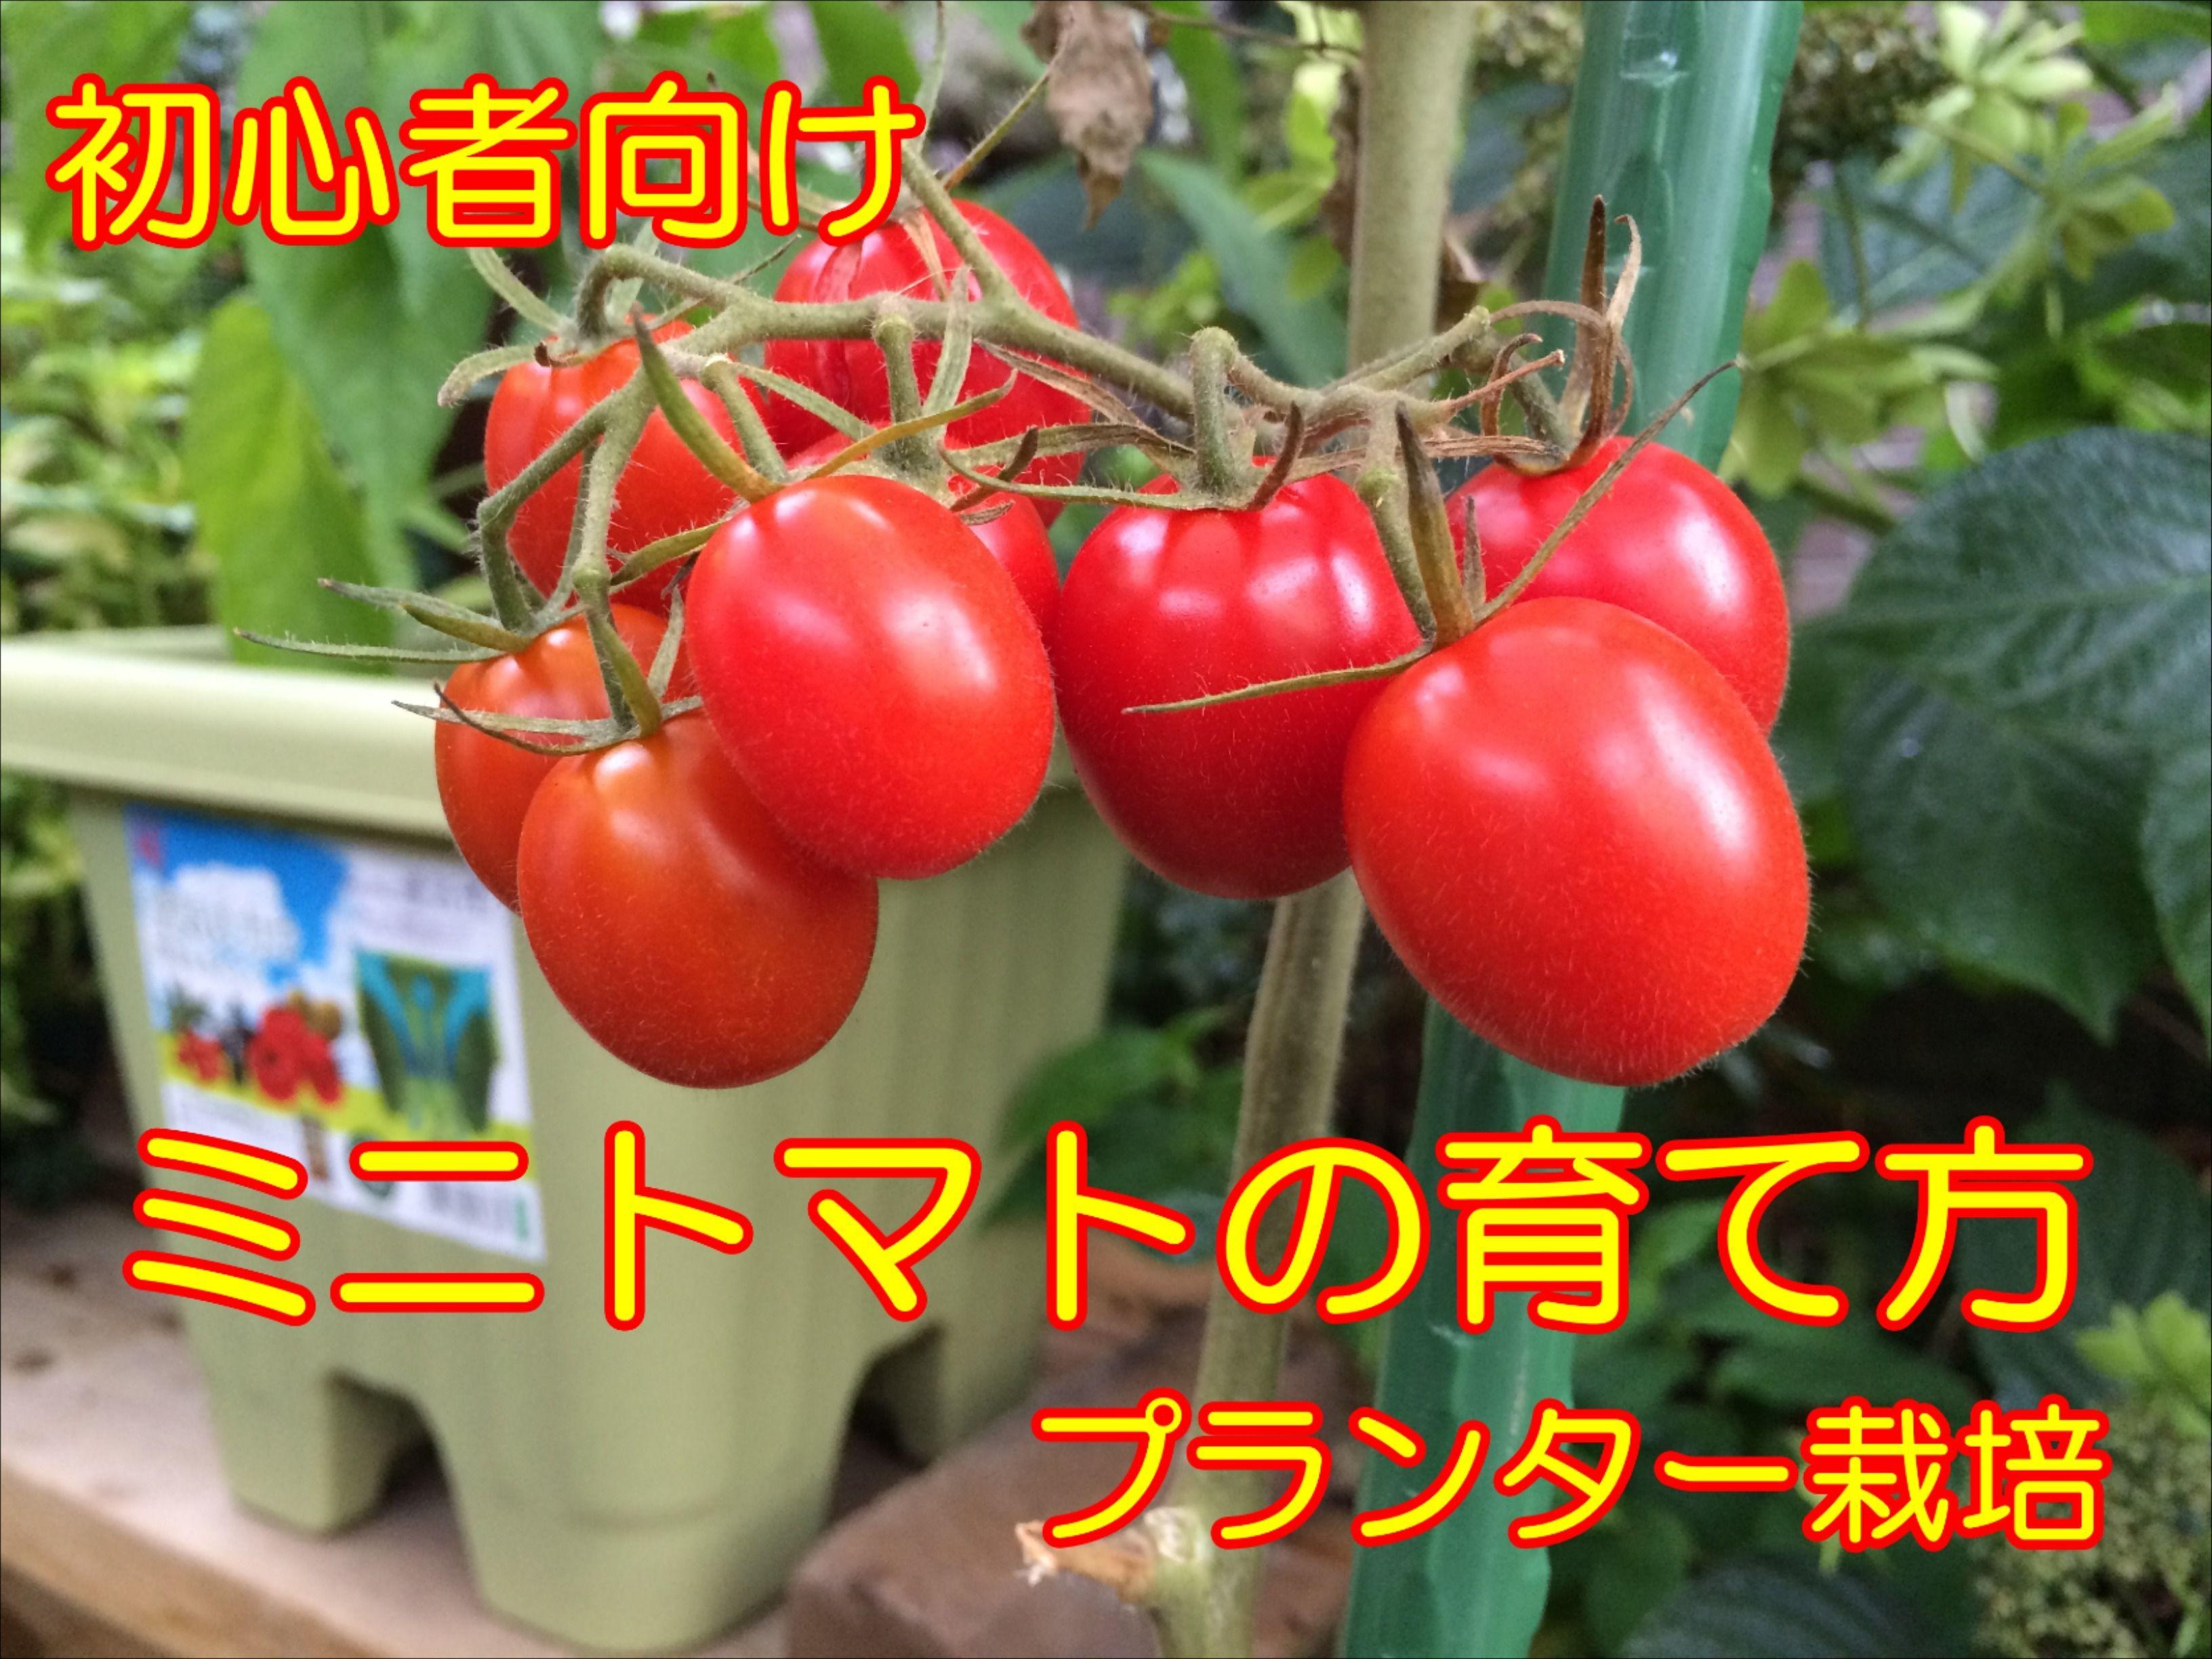 ミニトマトの育て方 プランターで初心者がベランダ栽培できる方法